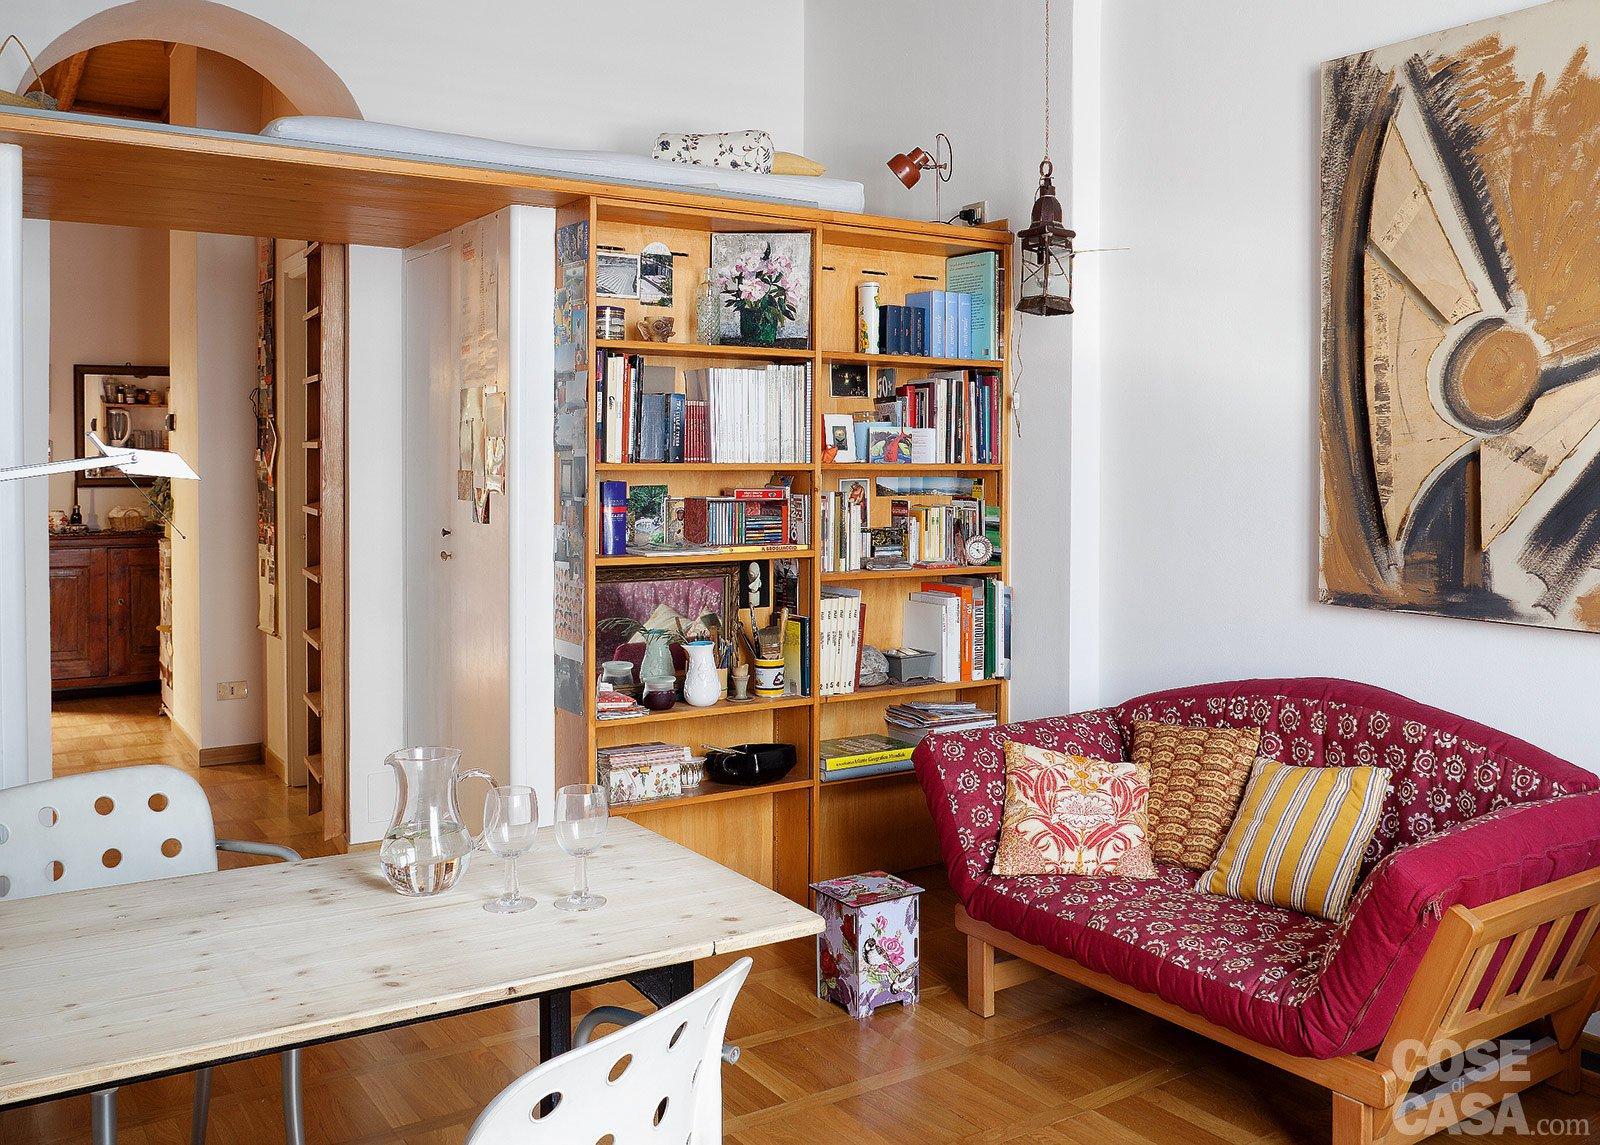 Bilocale di 40 mq una casa fai da te cose di casa - Ristrutturazione casa fai da te ...